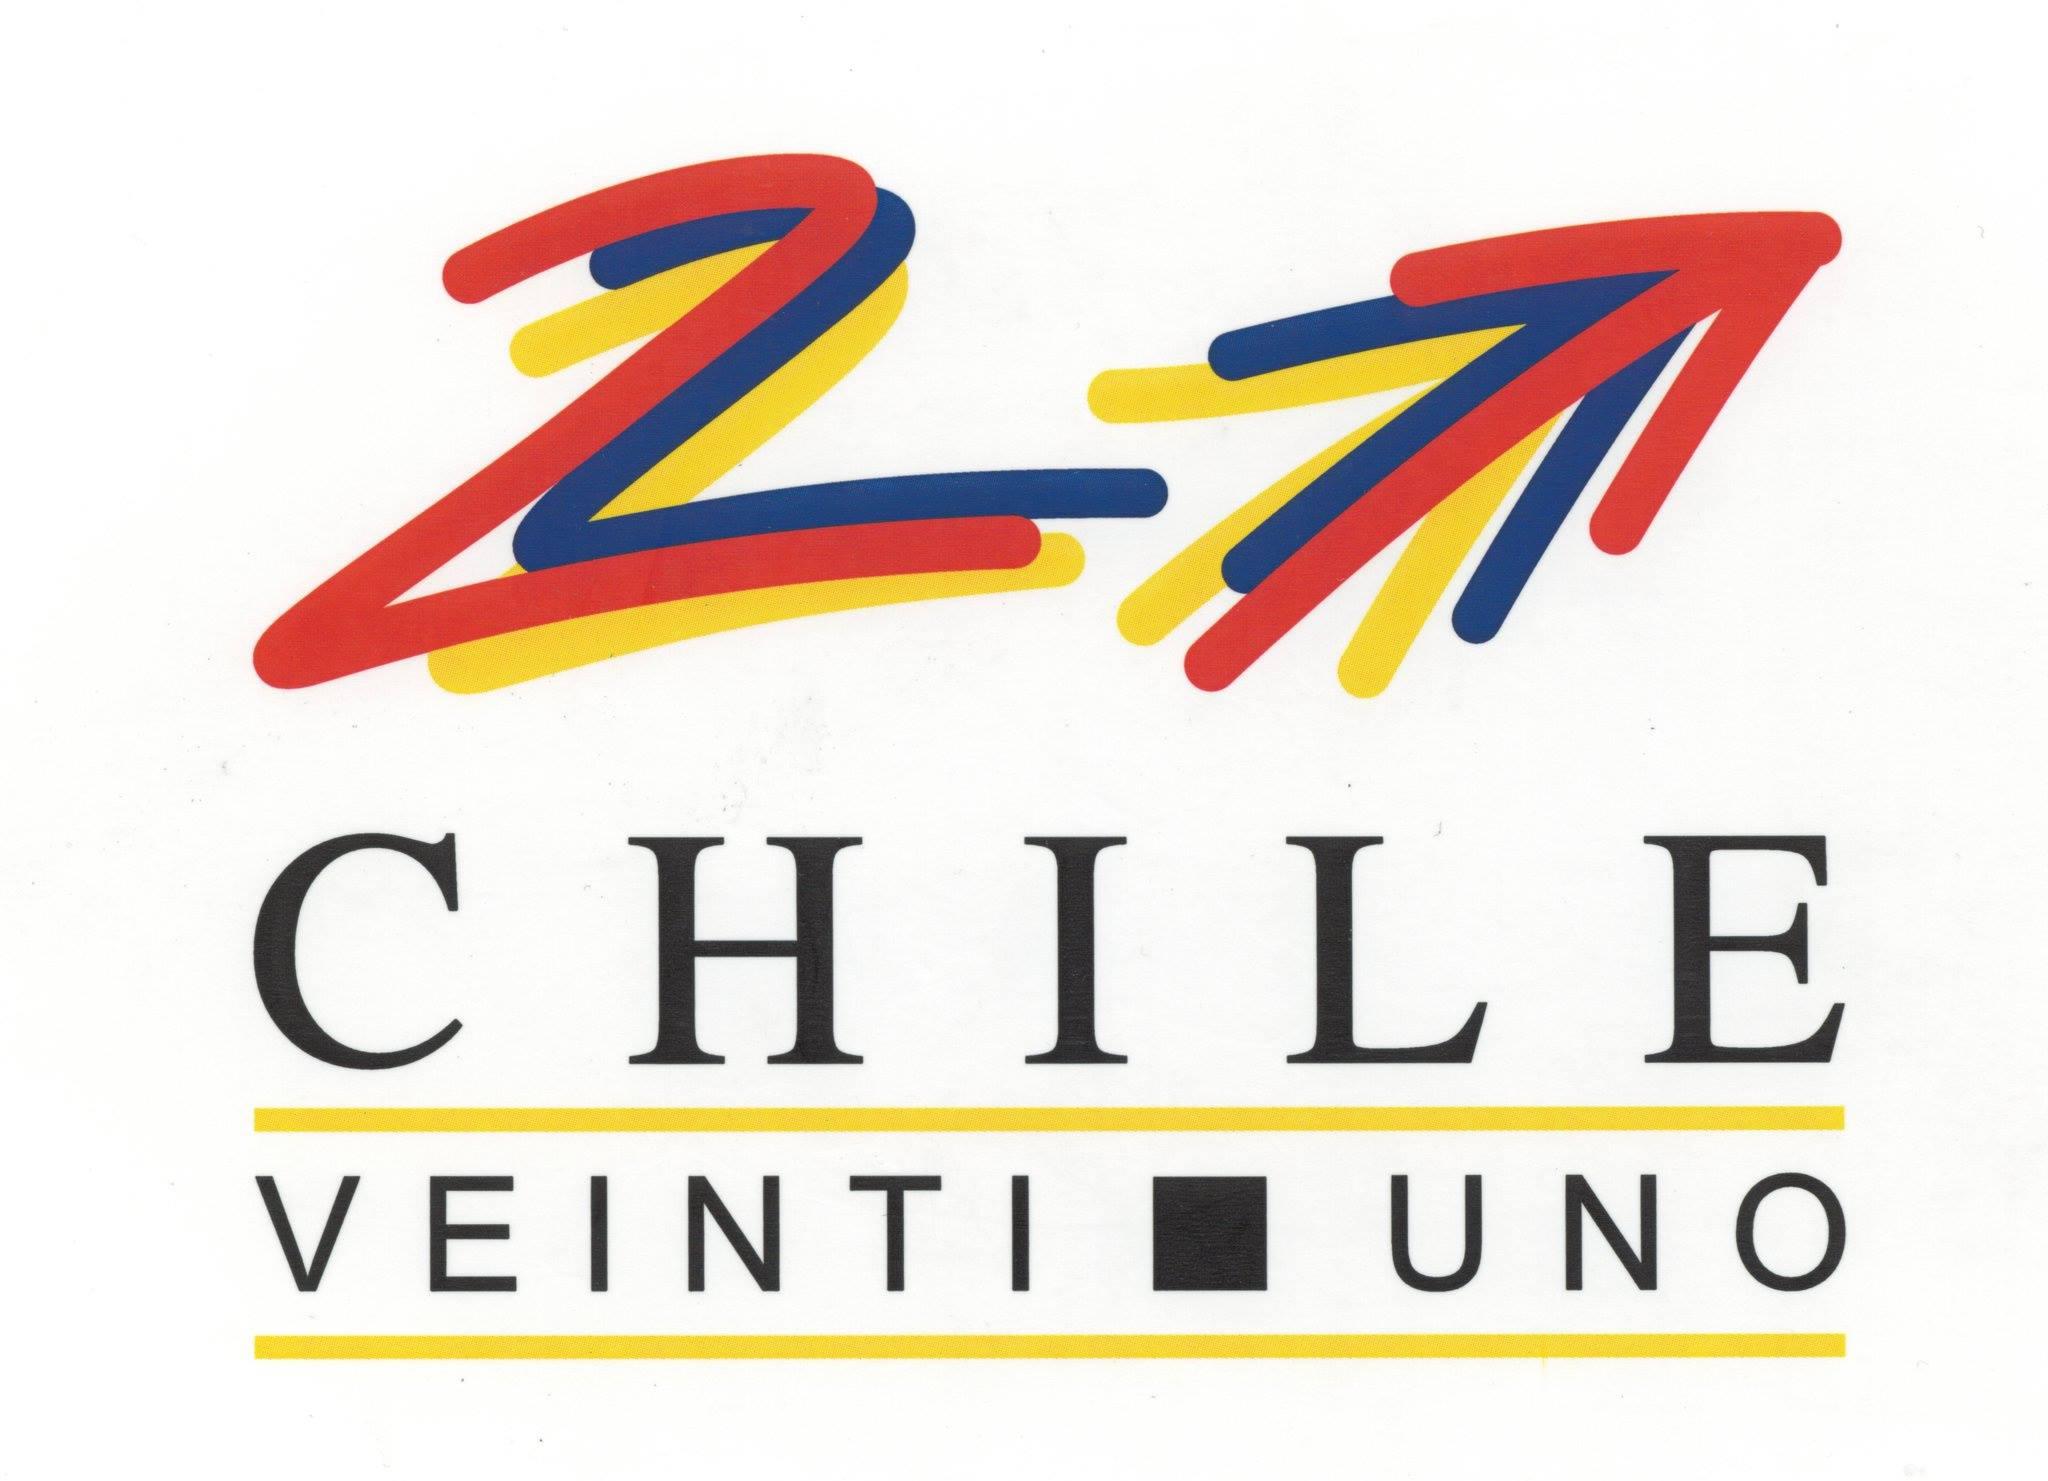 Nuevo director ejecutivo de Chile 21 debuta con creación de equipo de seguridad transversal de la centroizquierda